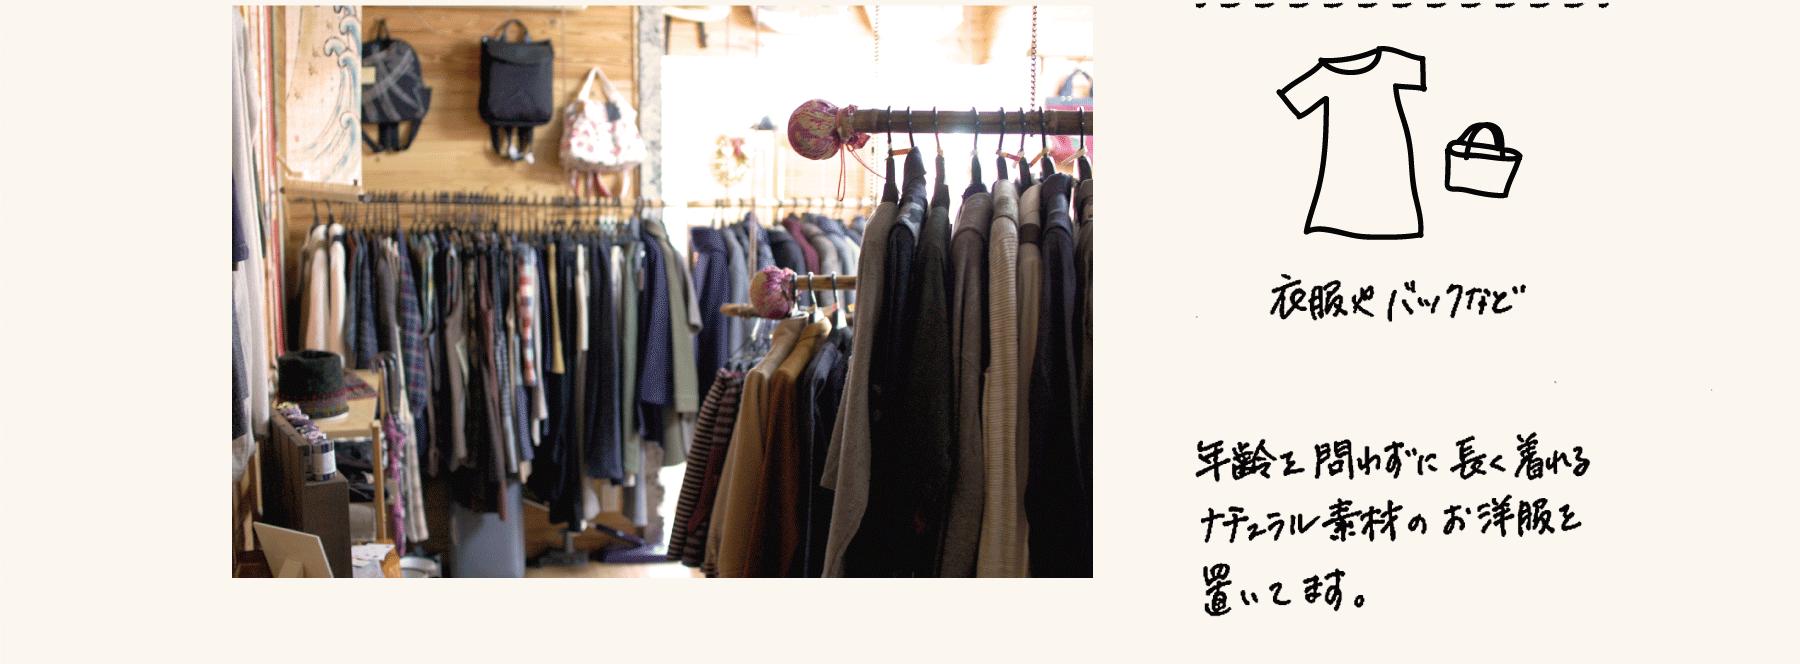 衣服やバッグなど:ワンピースやスカート、 年齢を問わず長く着る ことができる衣服を 置いております。